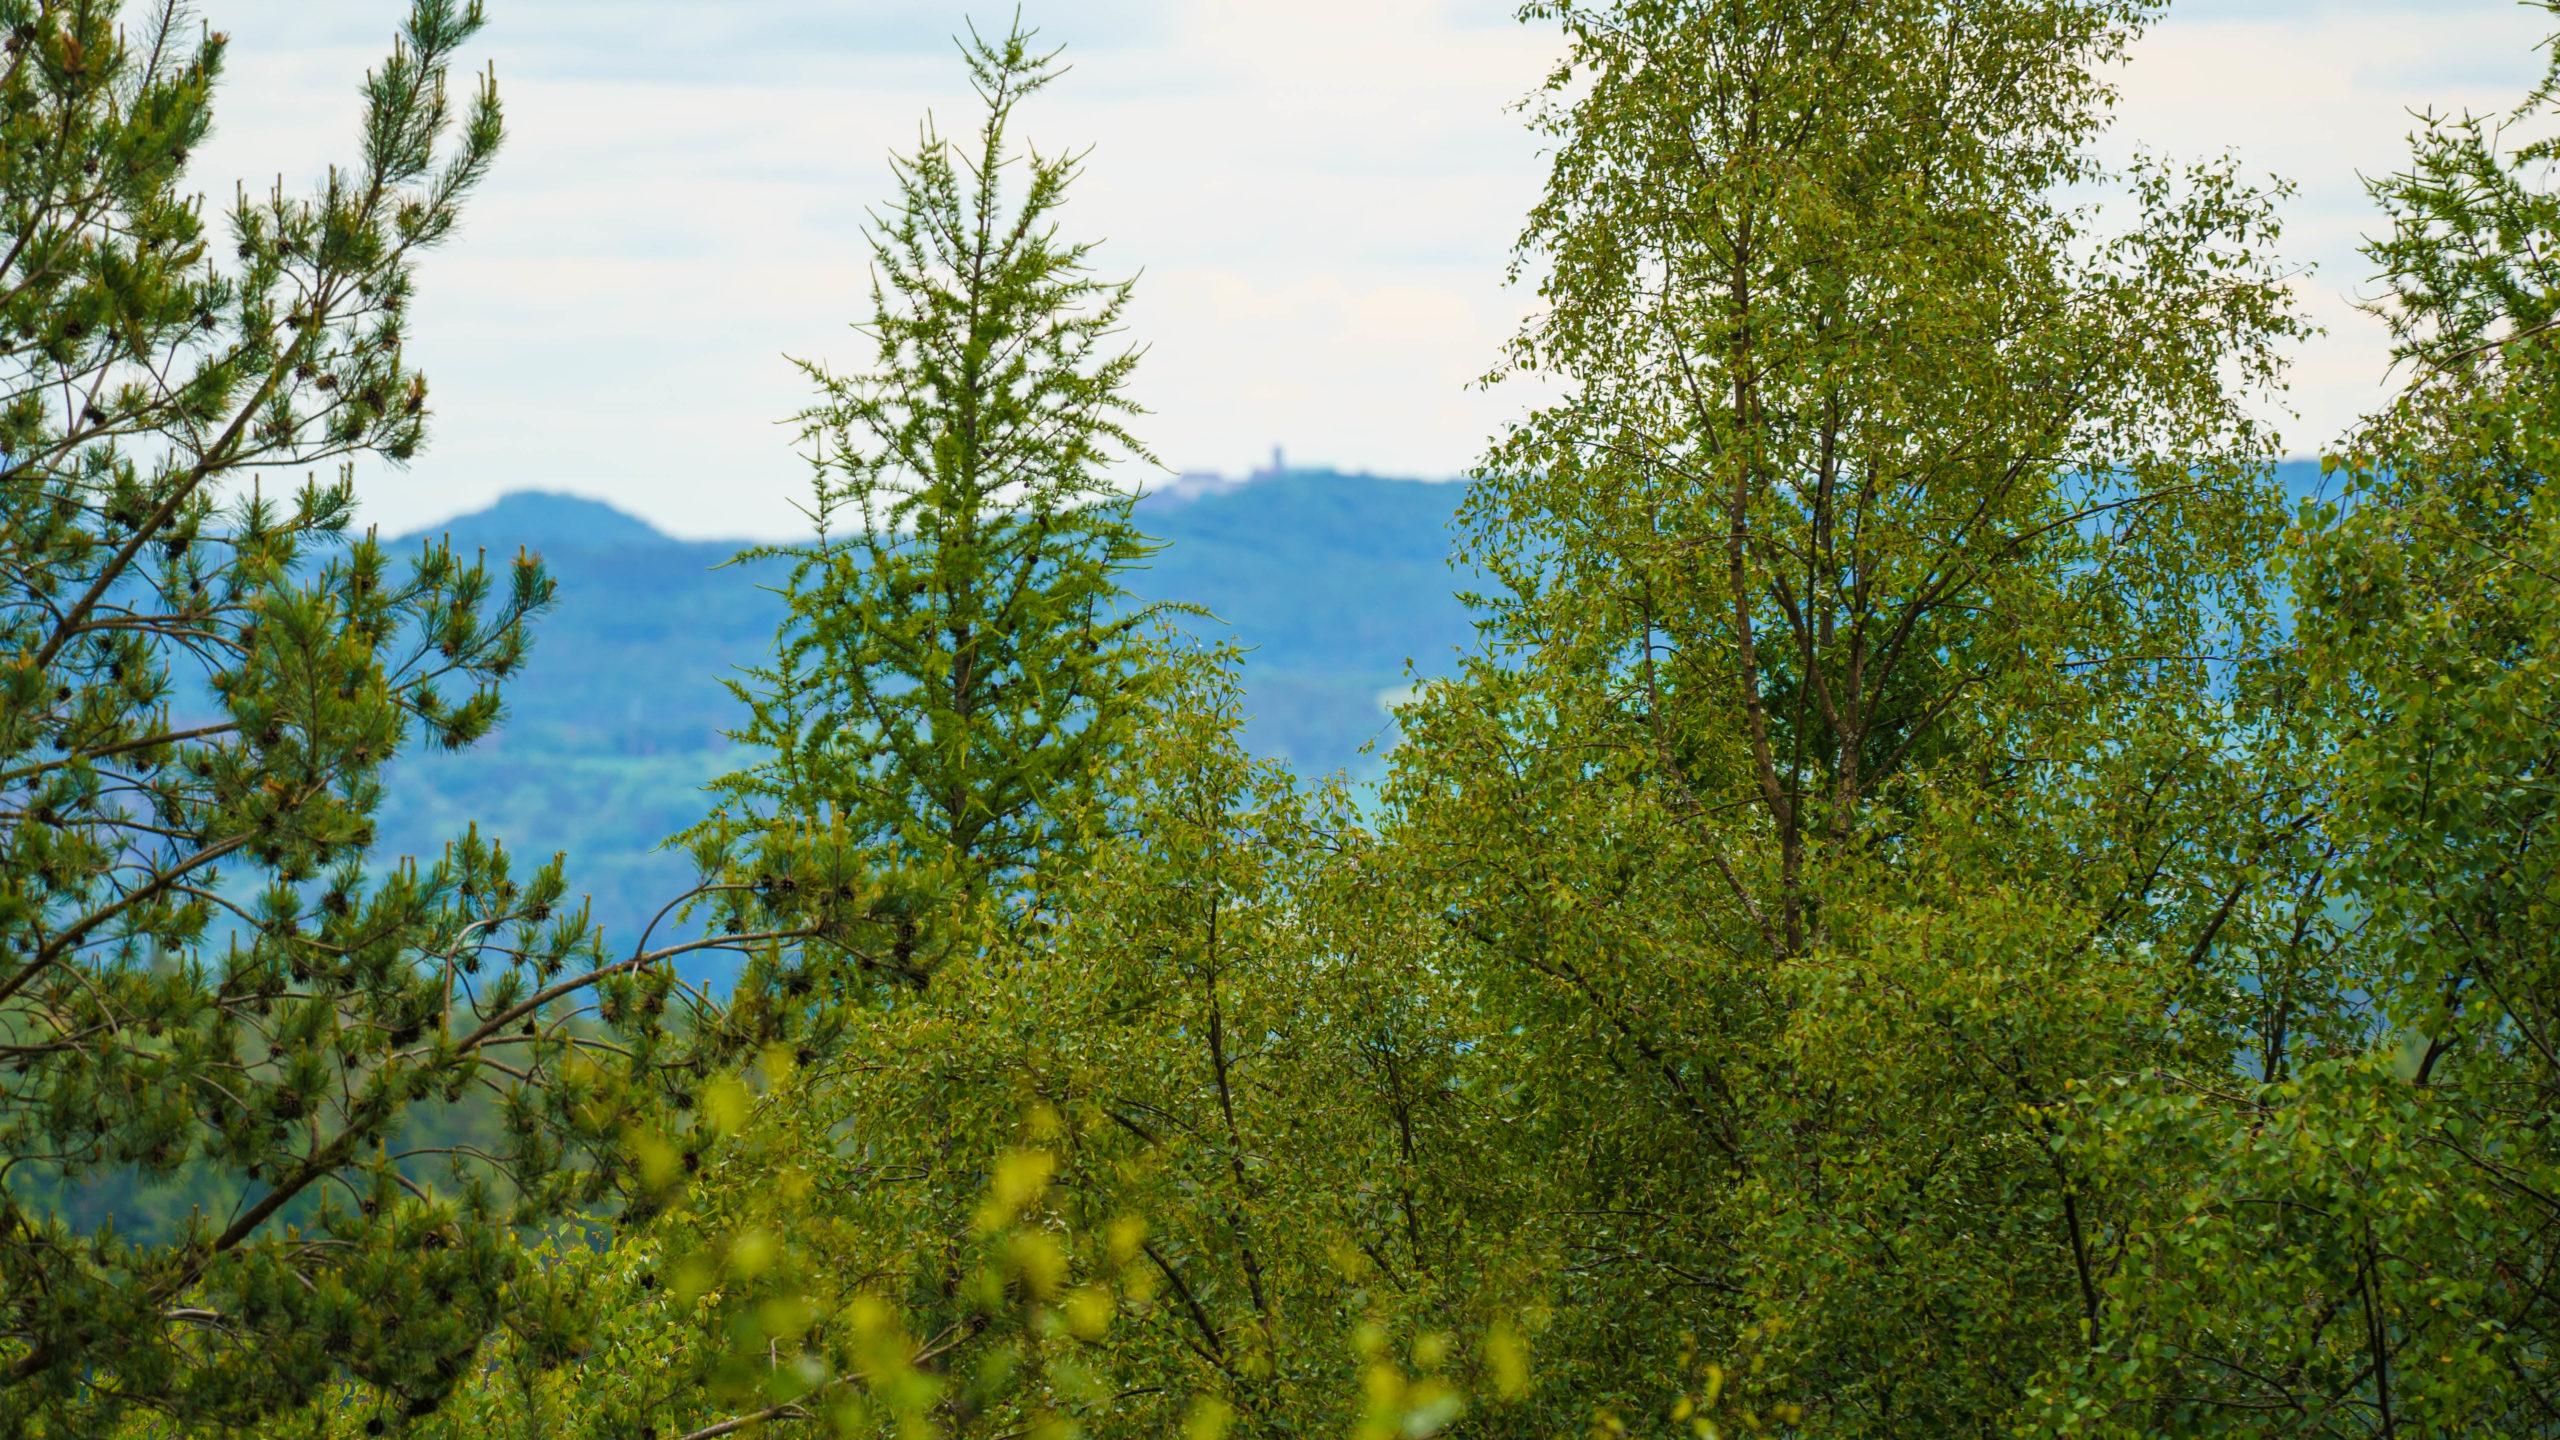 Grenzweg Gerstunger Forst, am Wartburgblick